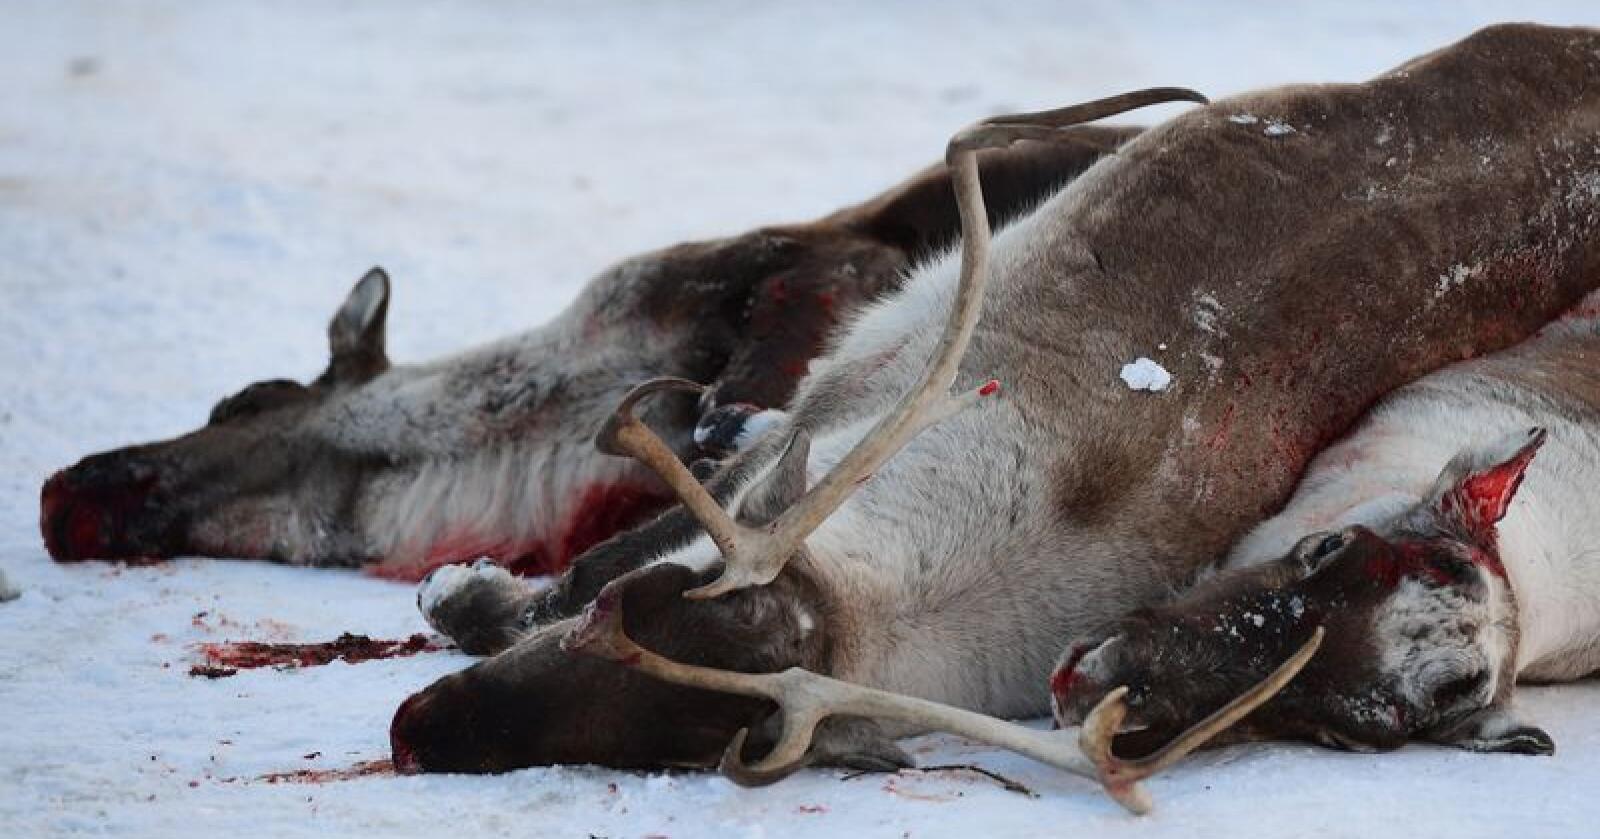 Sykdom: Mattilsynet vil undersøke om villreinstammen på Hardangervidda er smittet med CWD. Dette bildet er fra nedskyting av villreinstammen i Nordfjella. Foto: Marit Hommedal / NTB scanpix